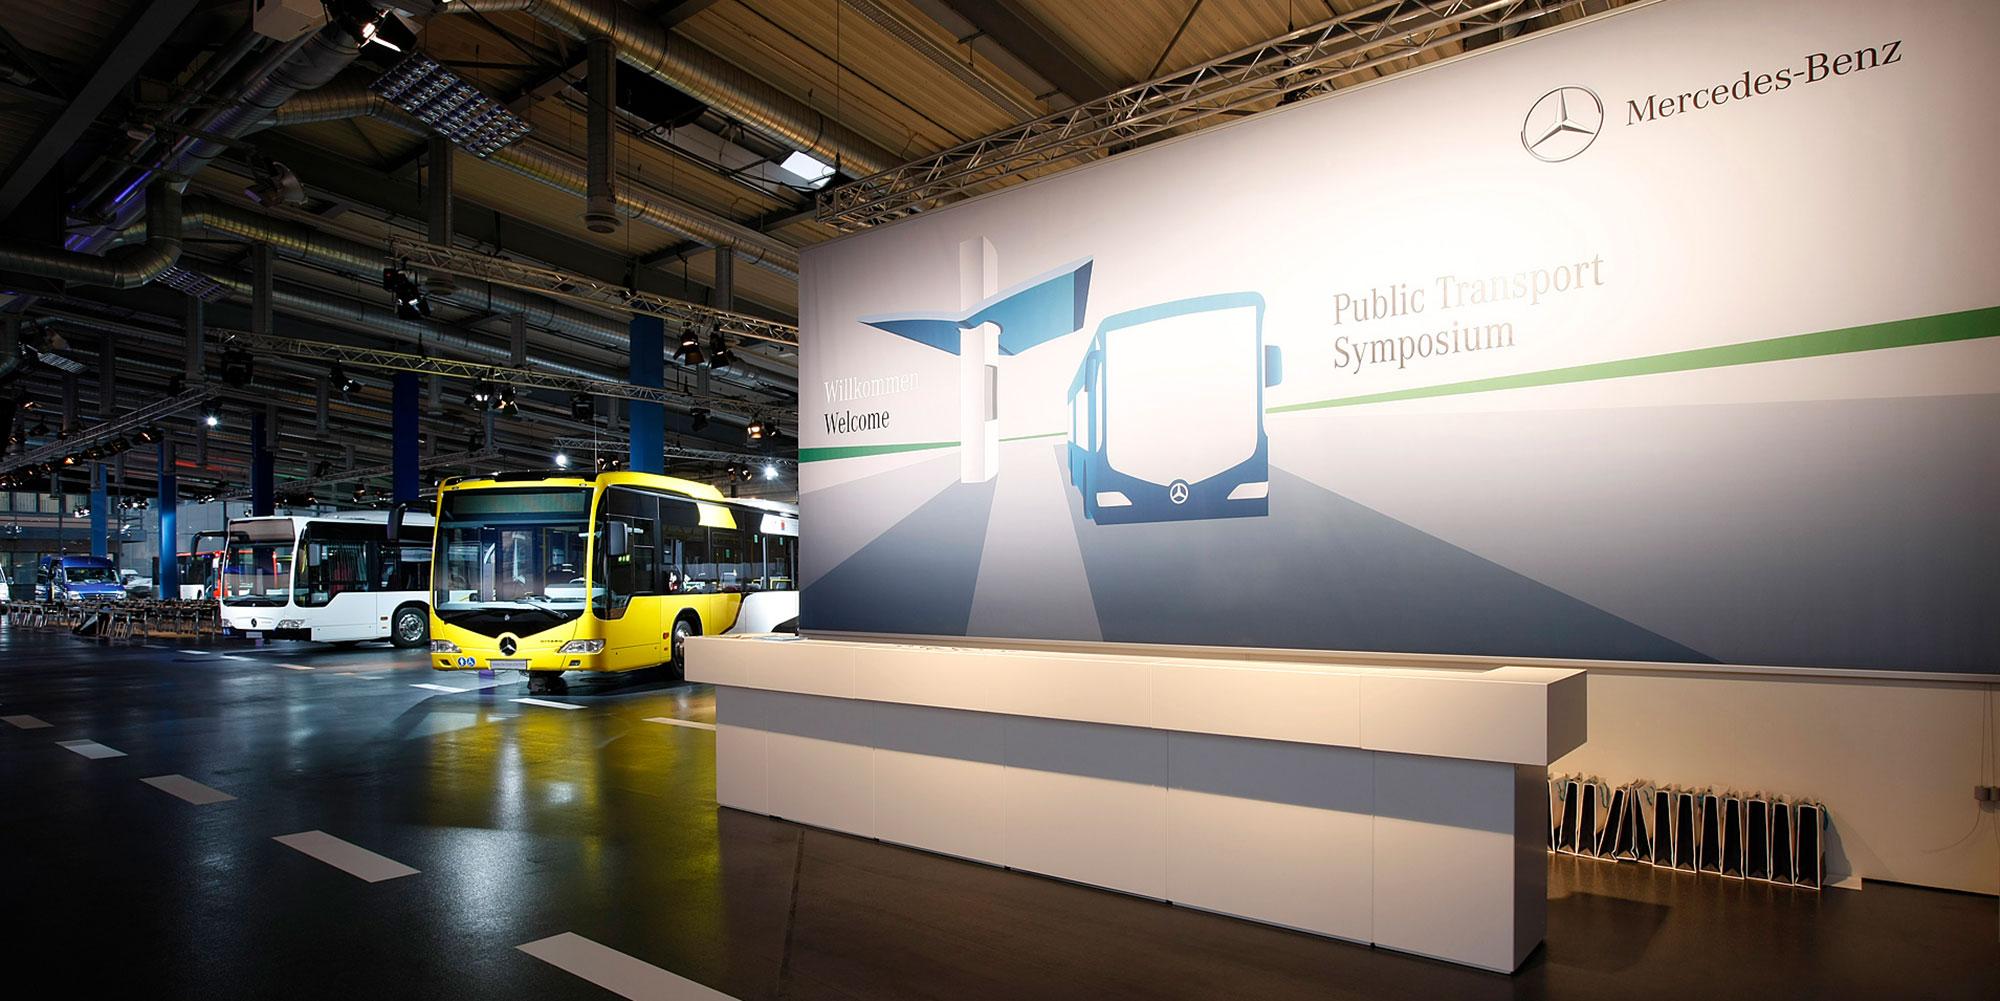 Public Transport Symposium, Mannheim